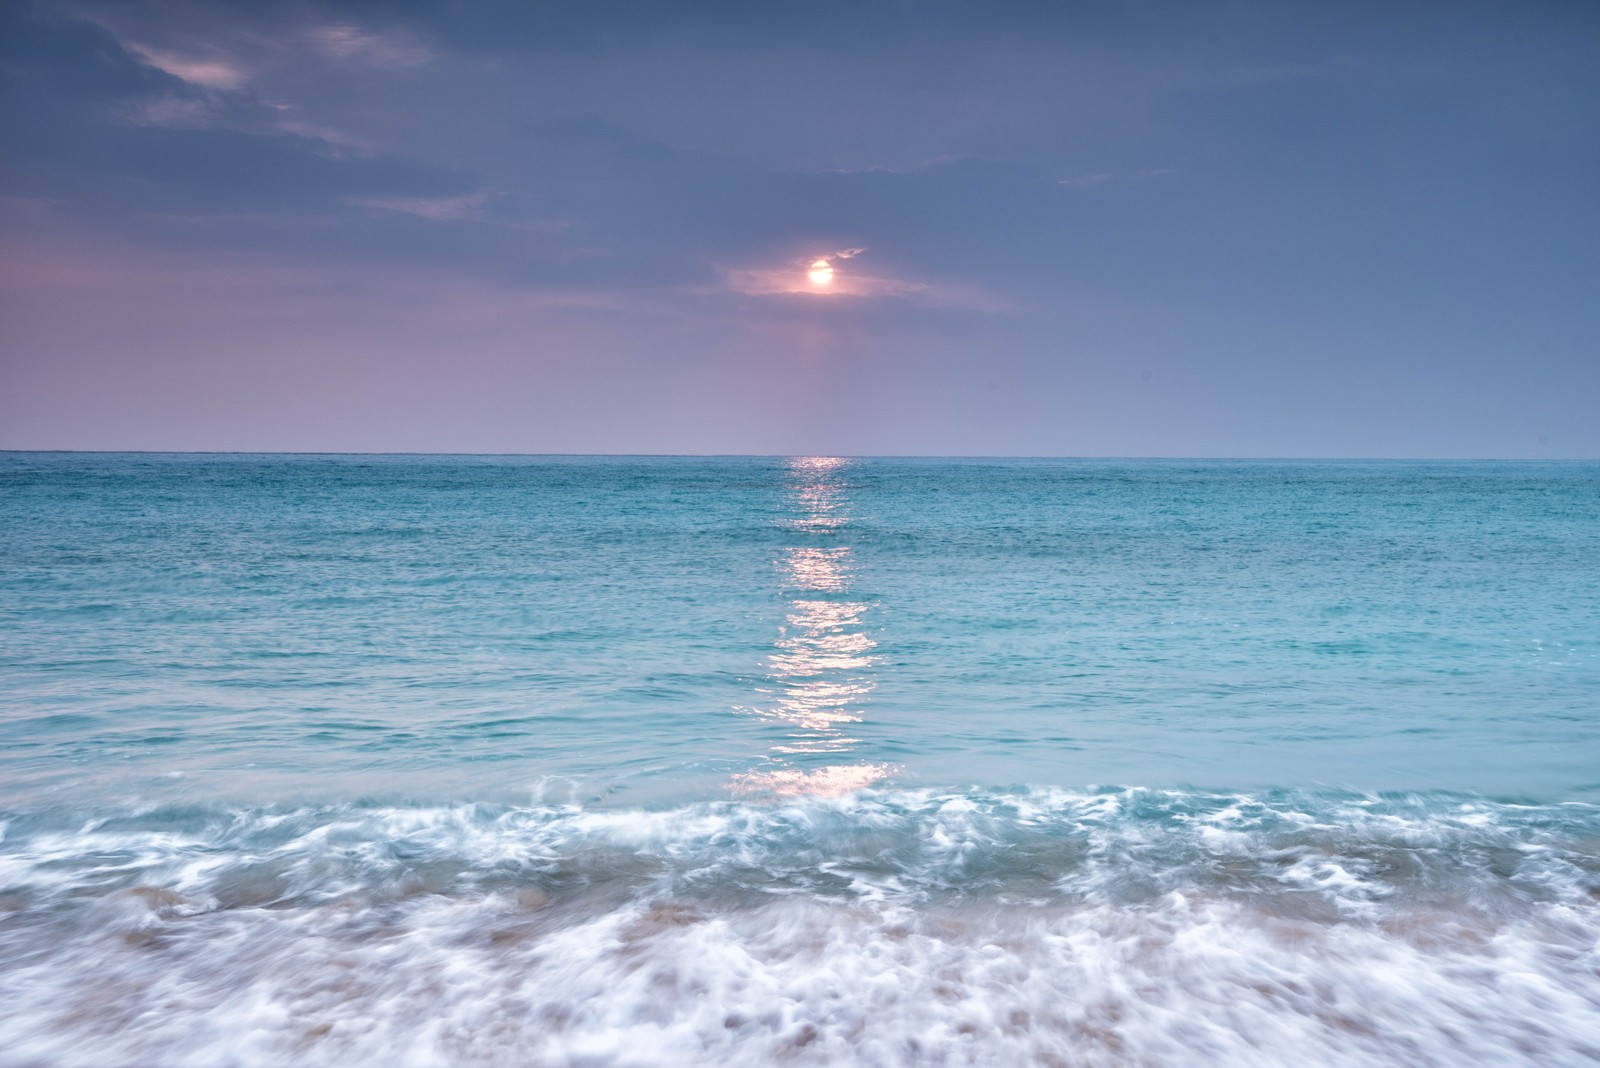 海の画像 p1_14